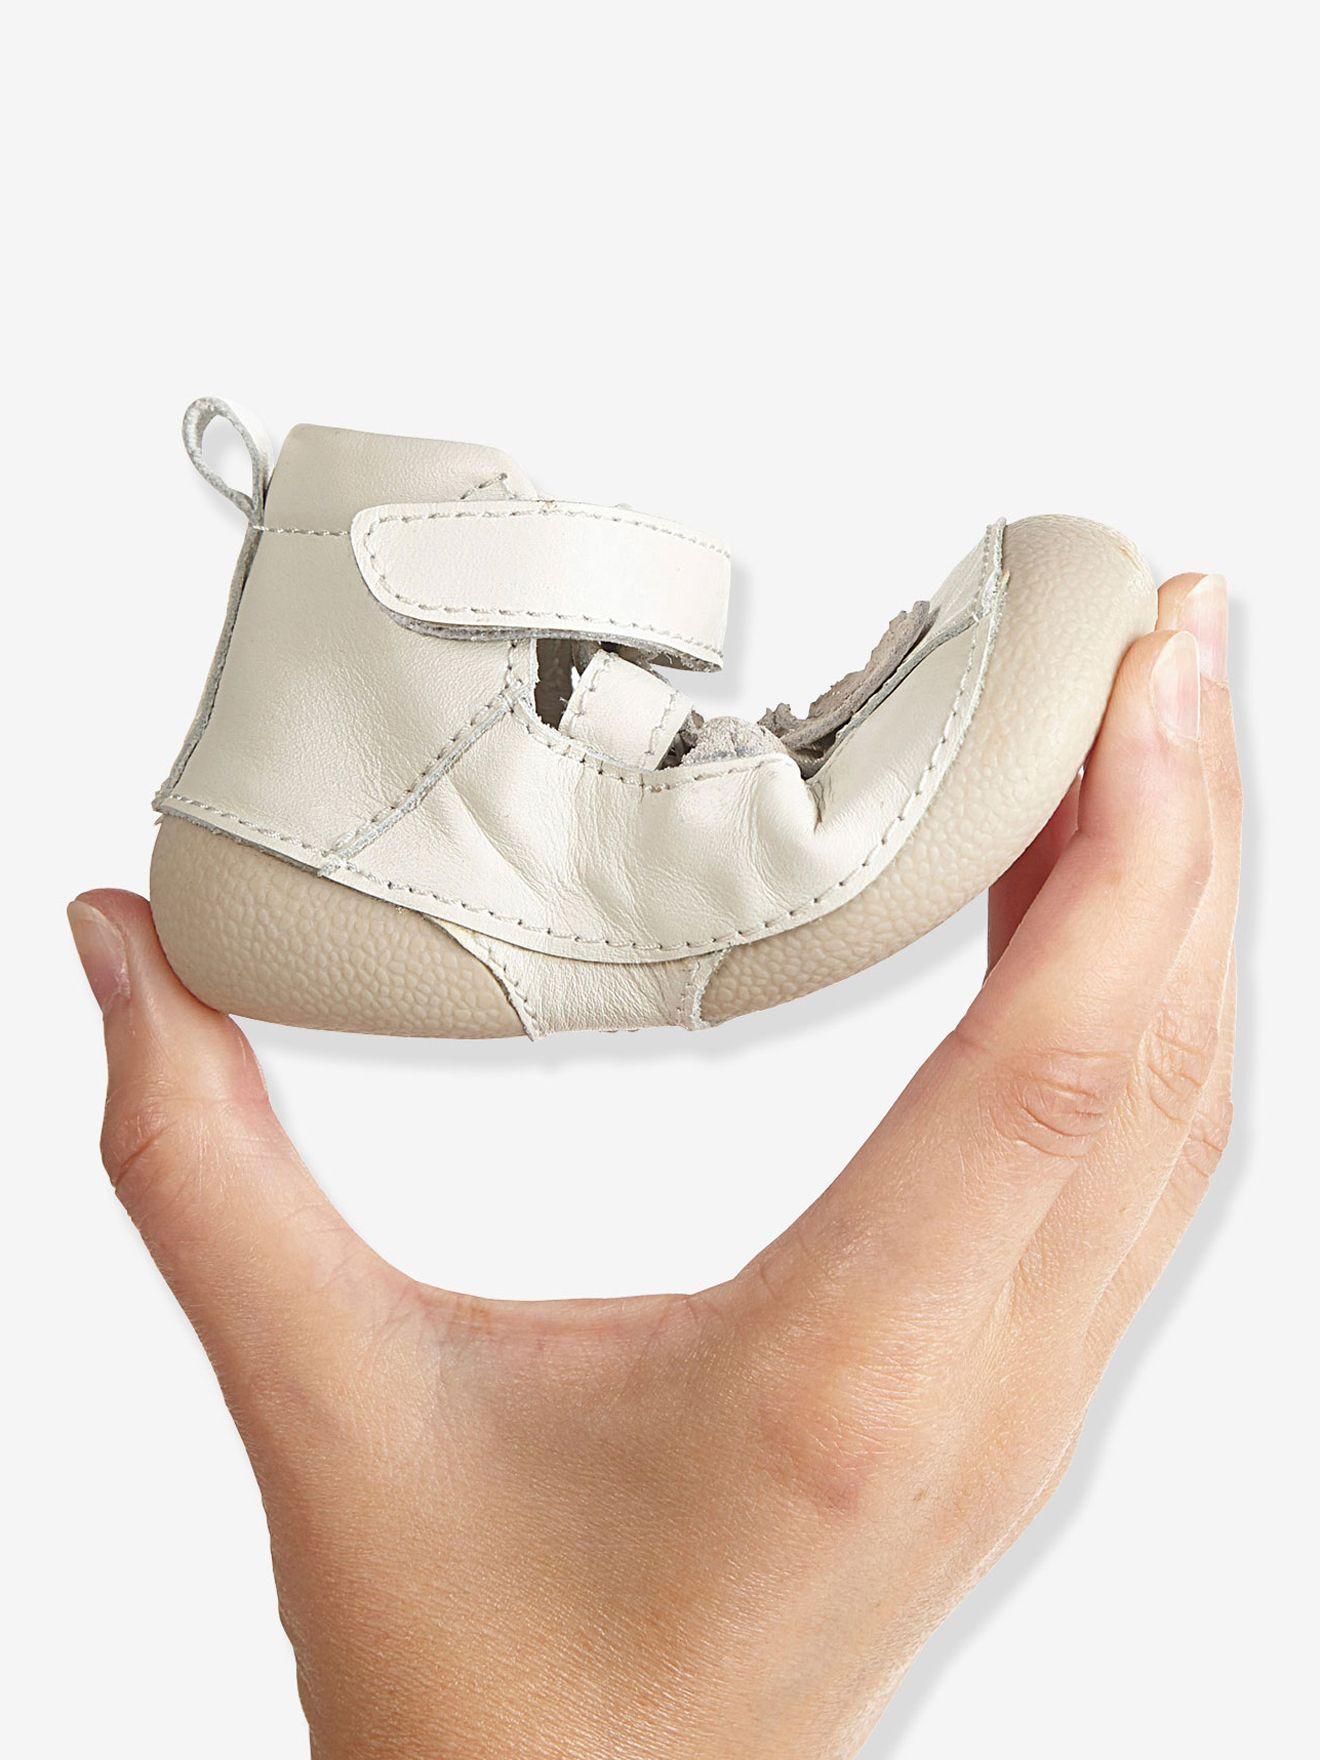 10a102c27c74 Chaussures cuir bébé fille spécial 4 pattes forme sandales. VERTBAUDET